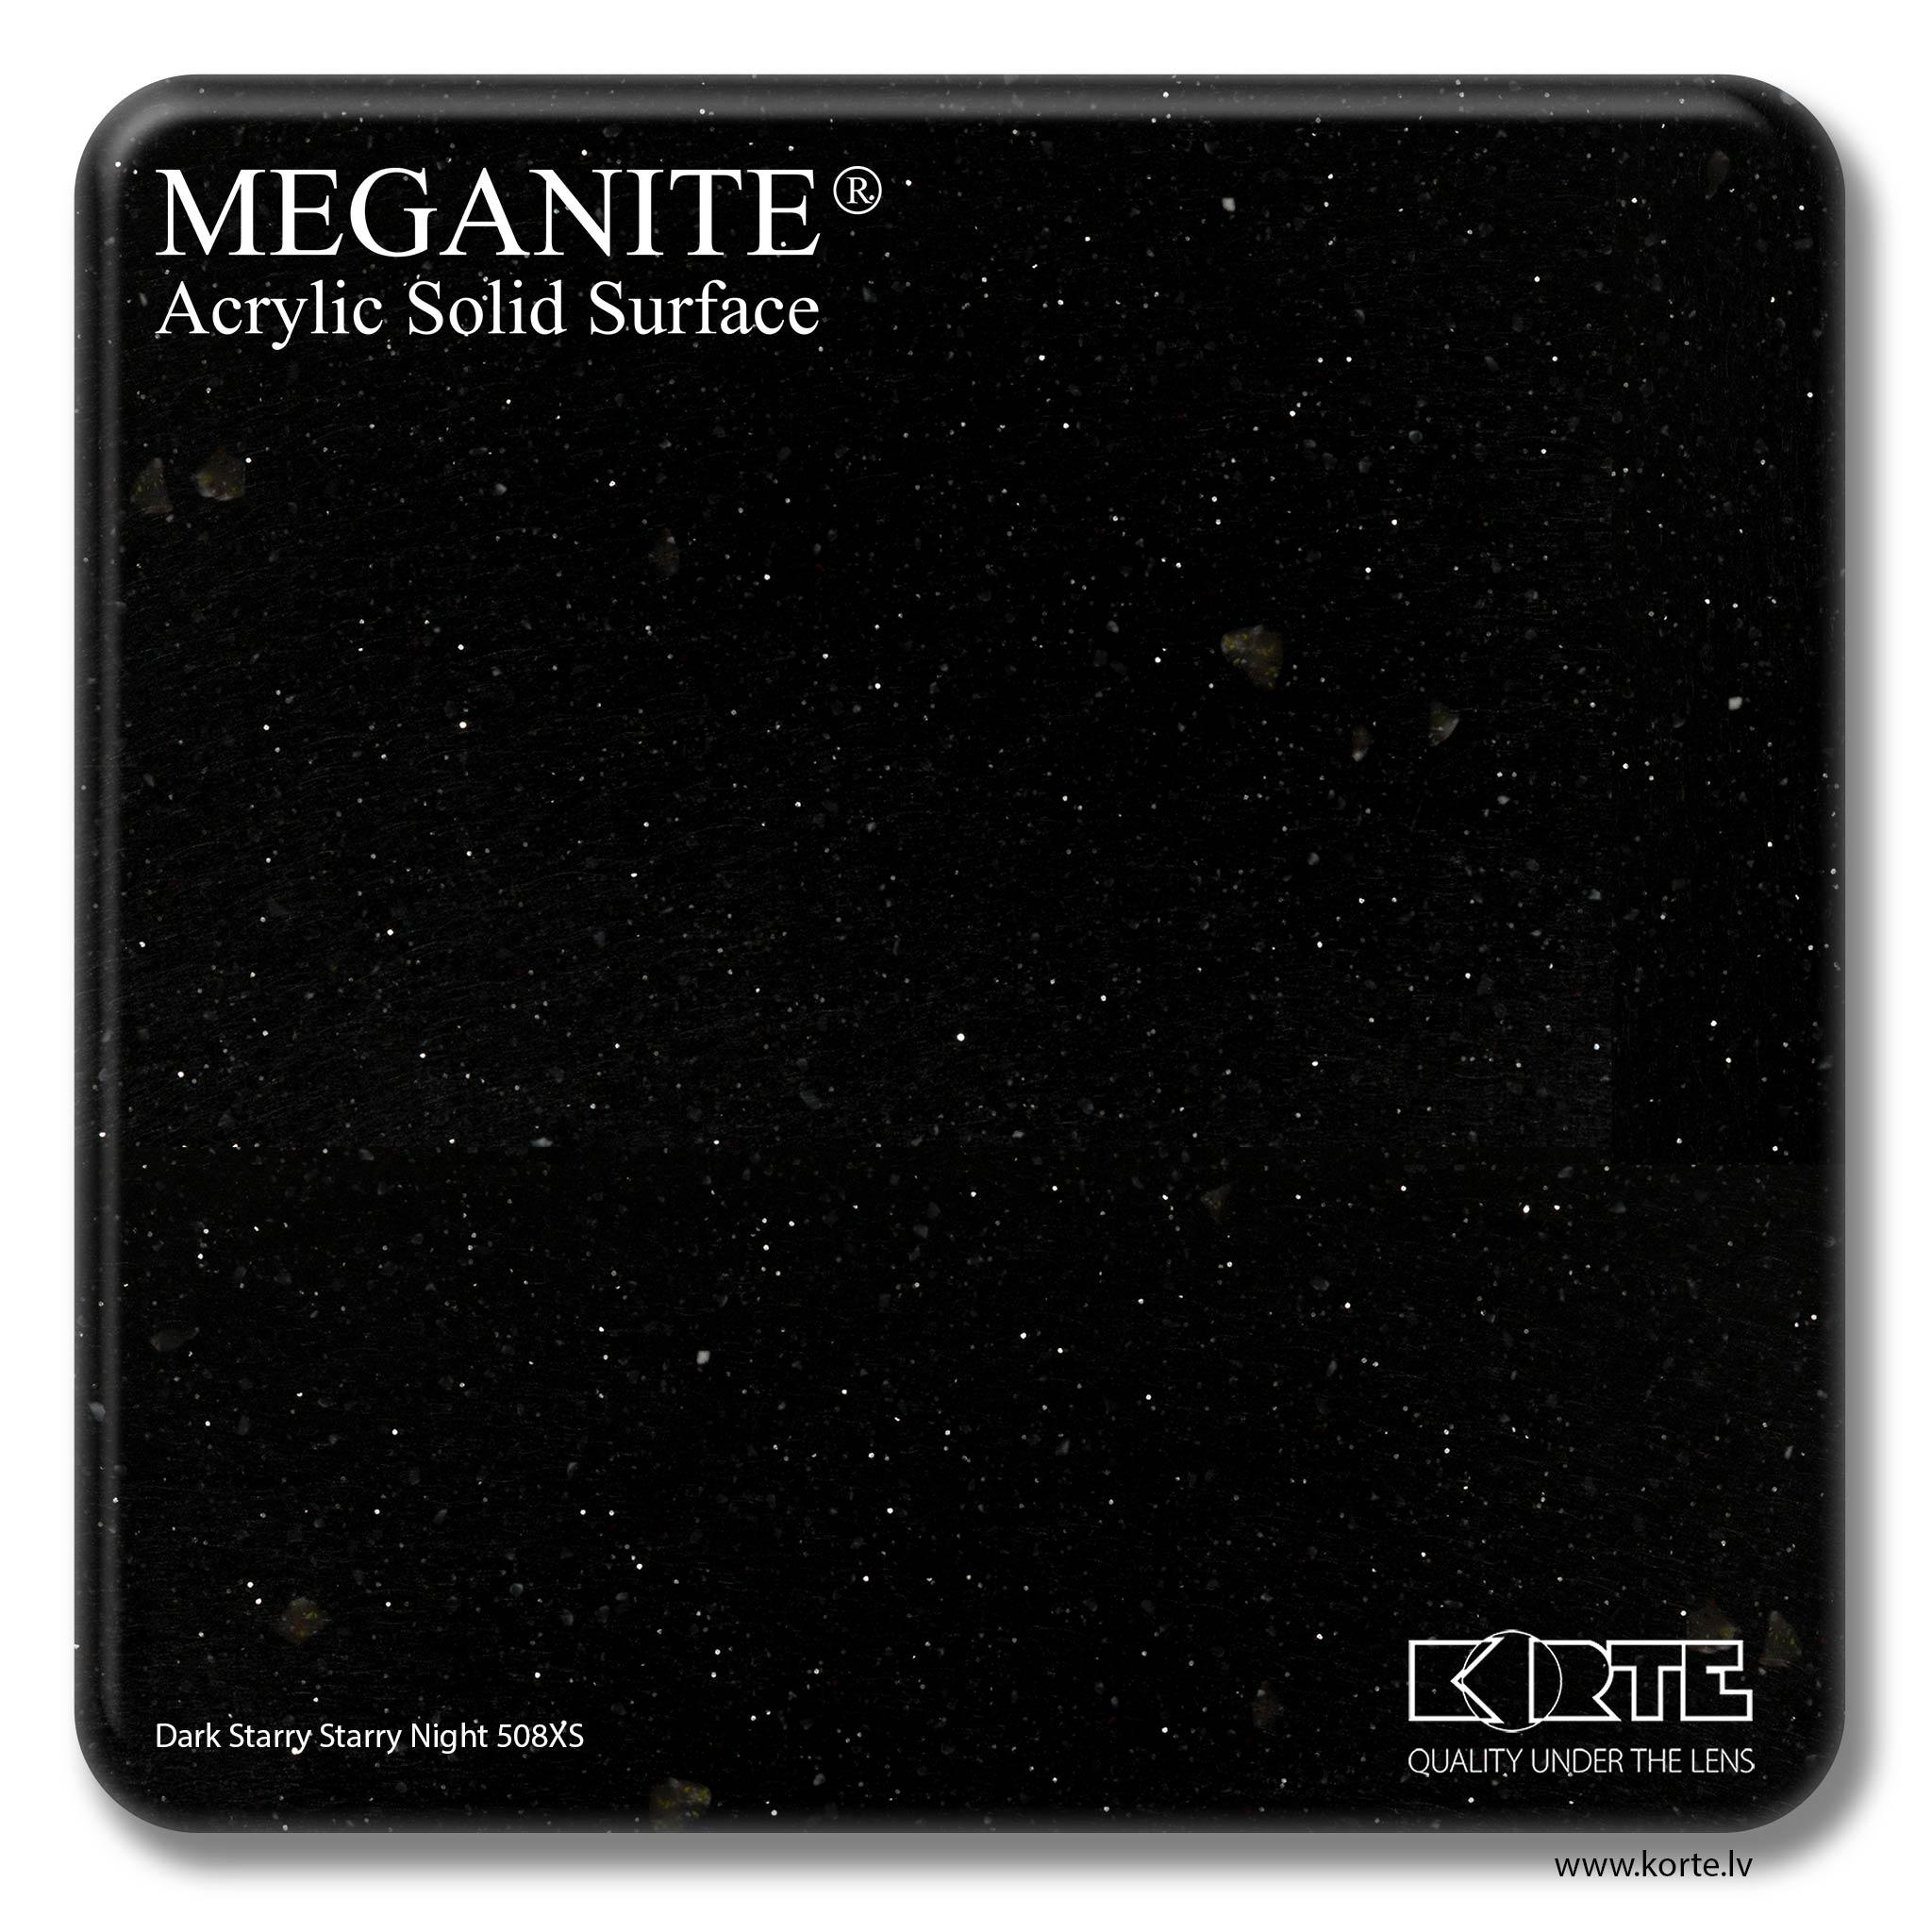 Meganite Dark Starry Starry Night 508XS